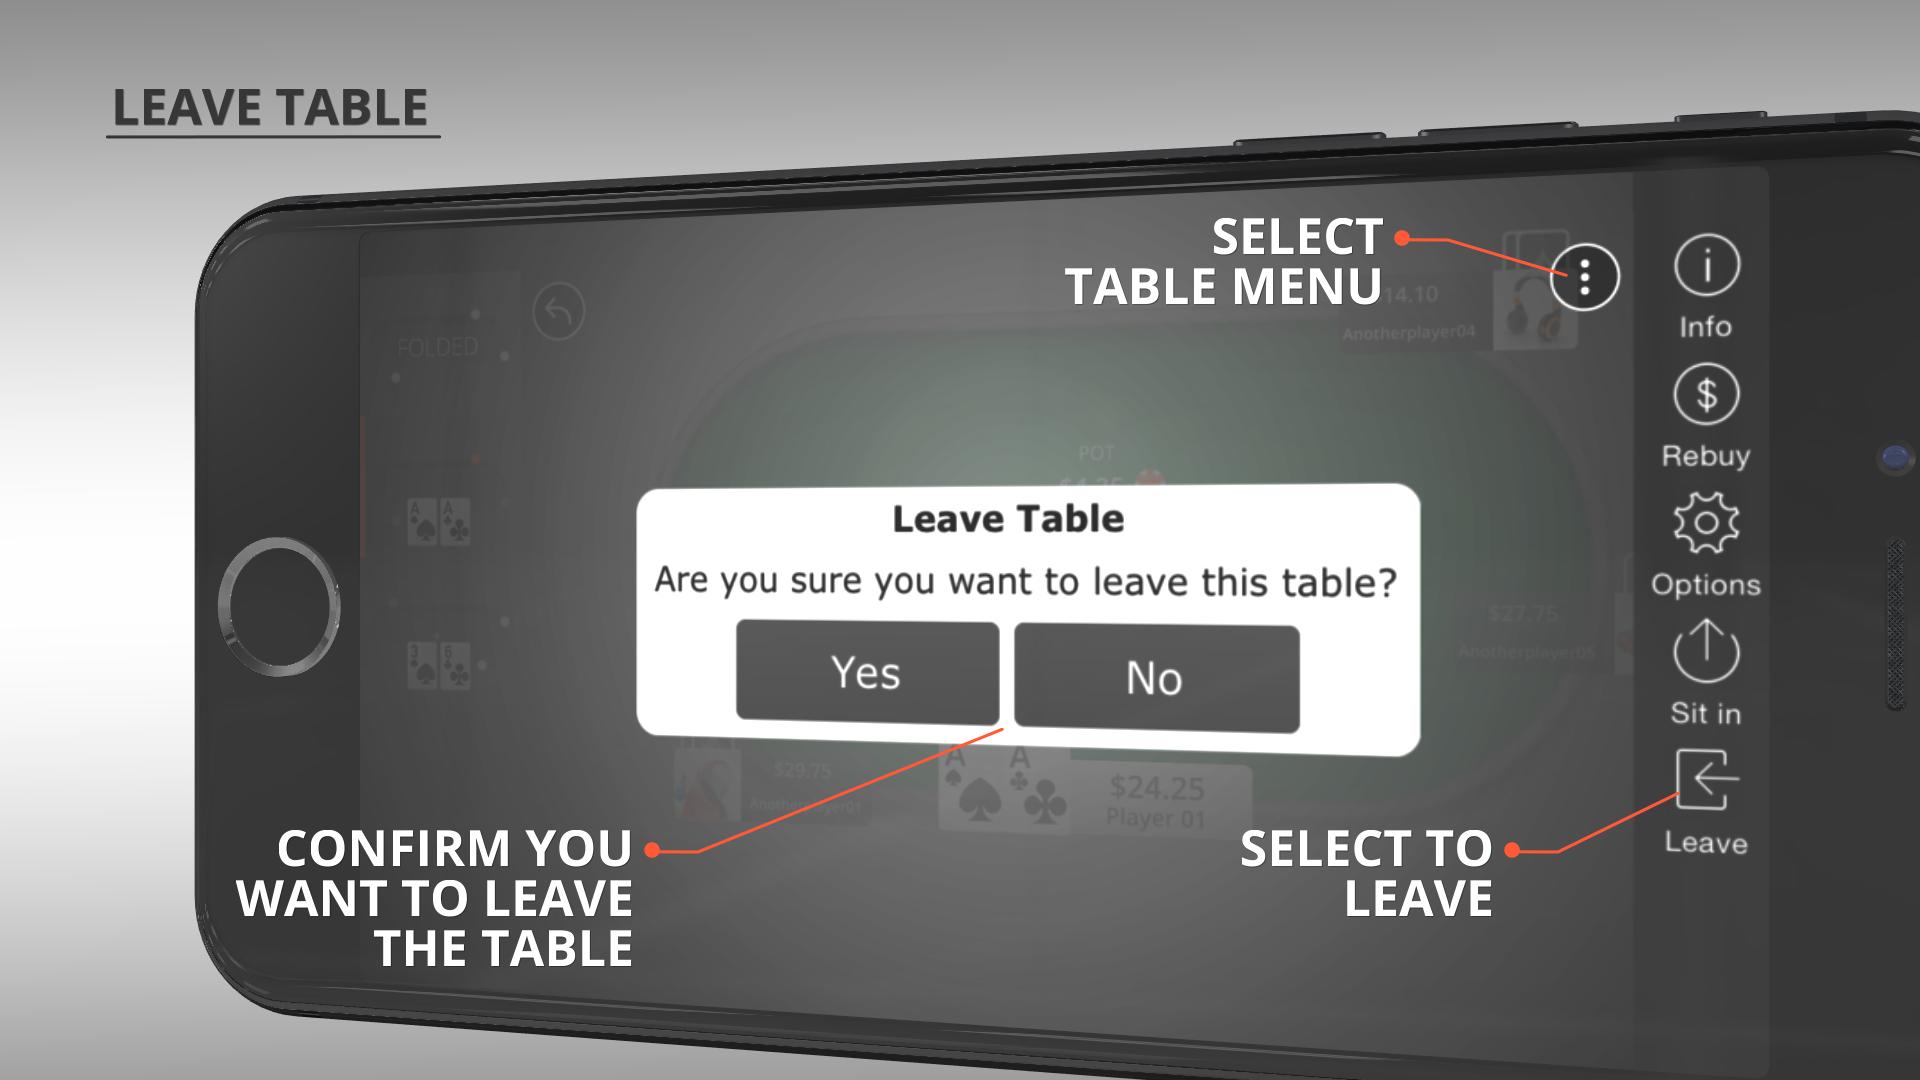 leave-table-en_US.png